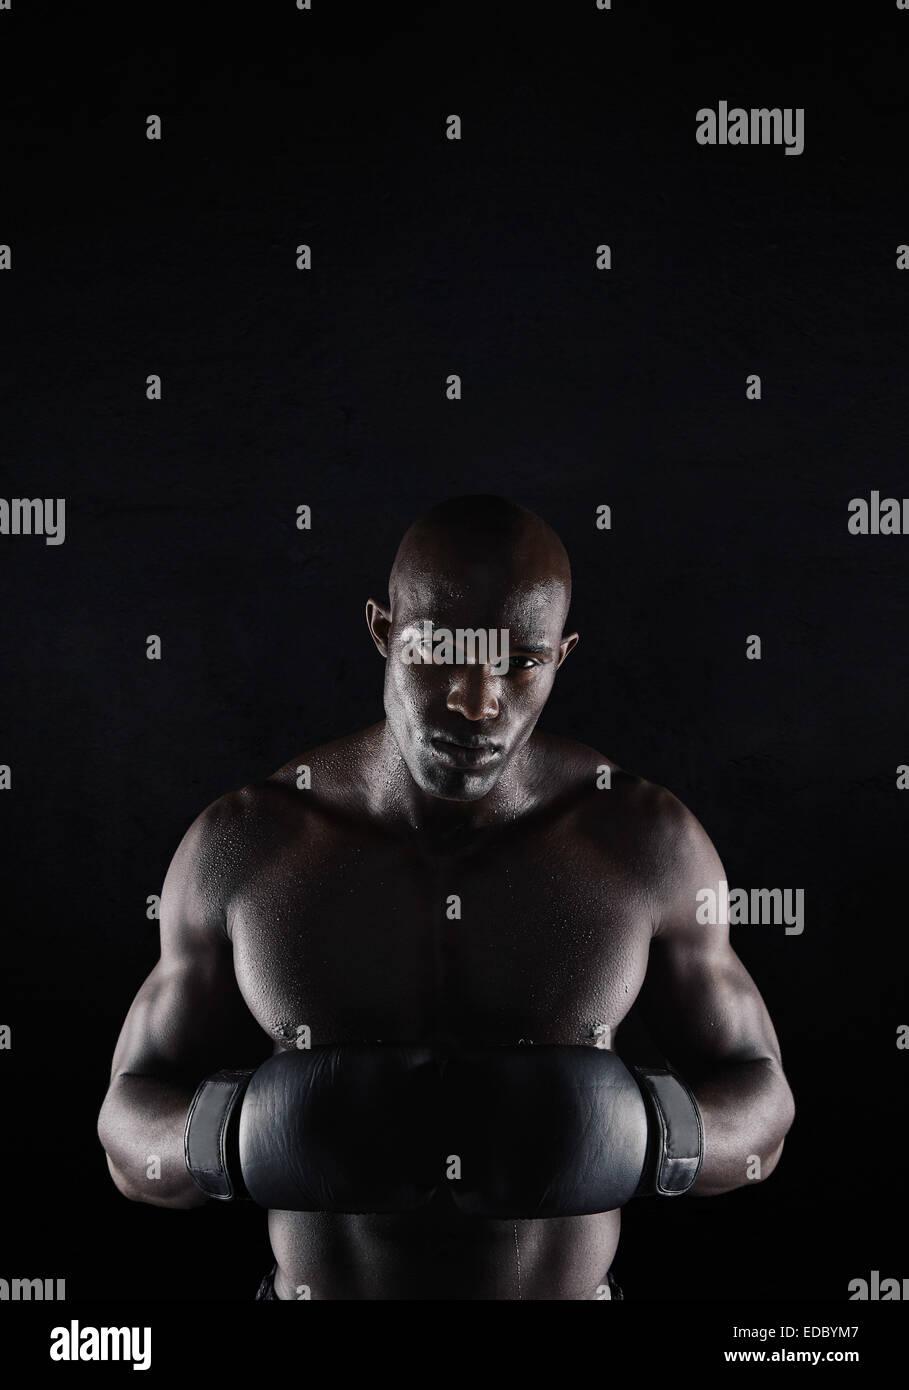 Ritratto di professional boxer maschio su sfondo nero. Forte e muscoloso giovane boxe in marcia. Immagini Stock